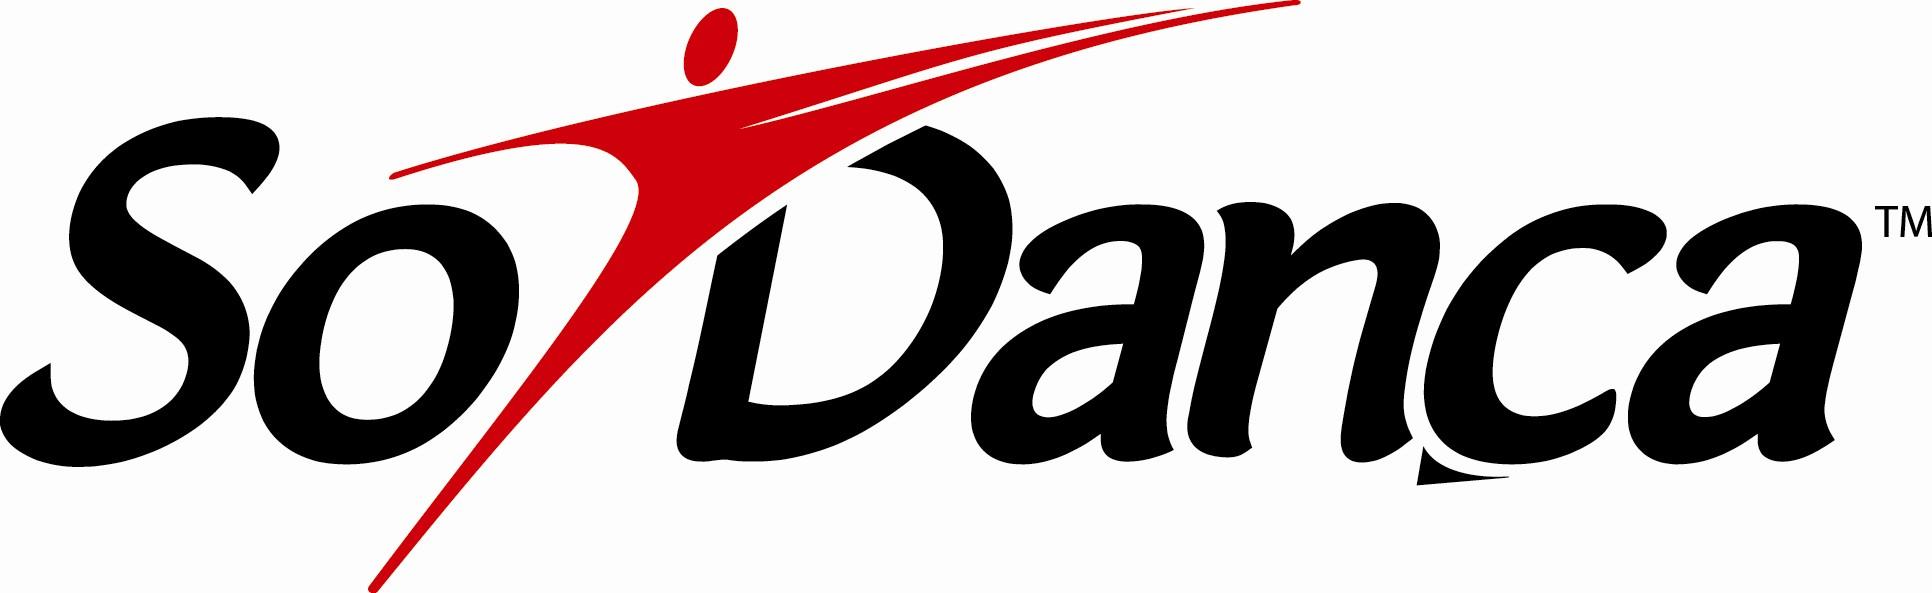 So-Danca-logo.jpg